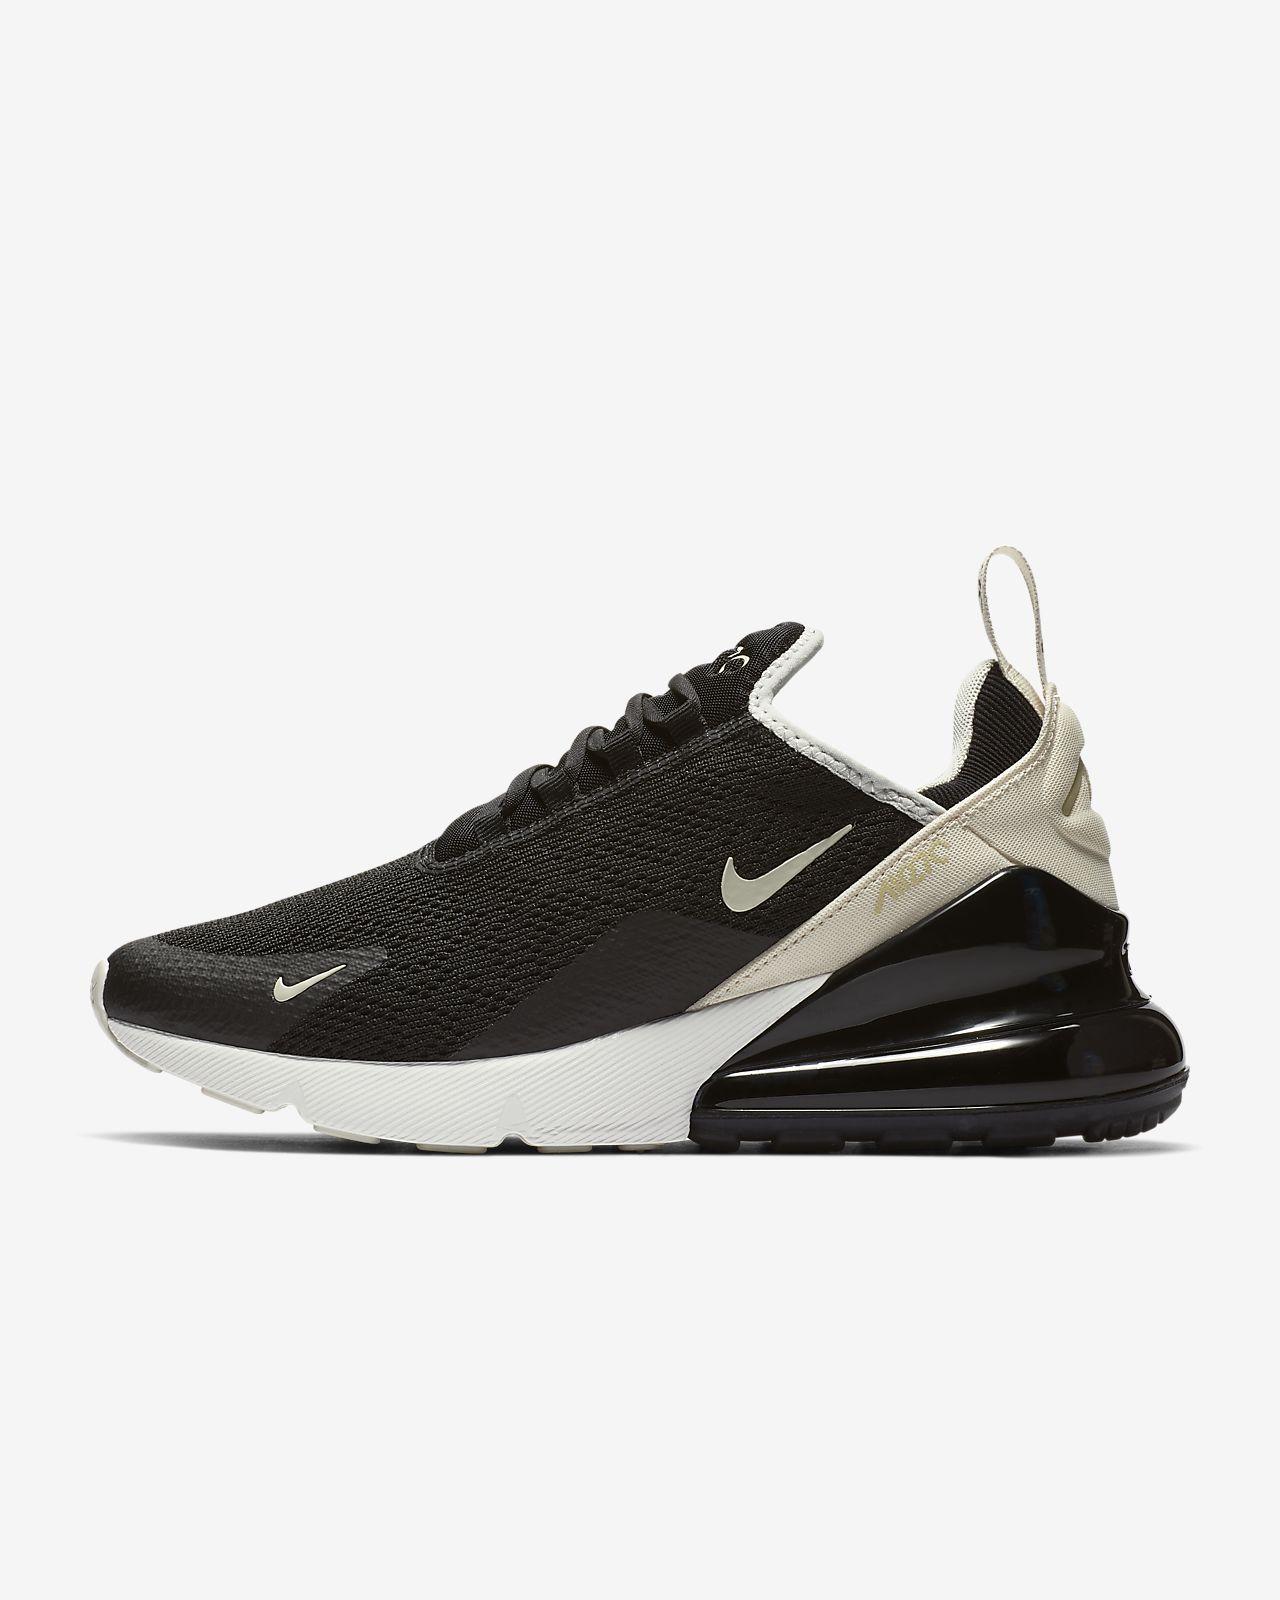 b85c67a88271 Nike Air Max 270 Kadın Ayakkabısı. Nike.com TR